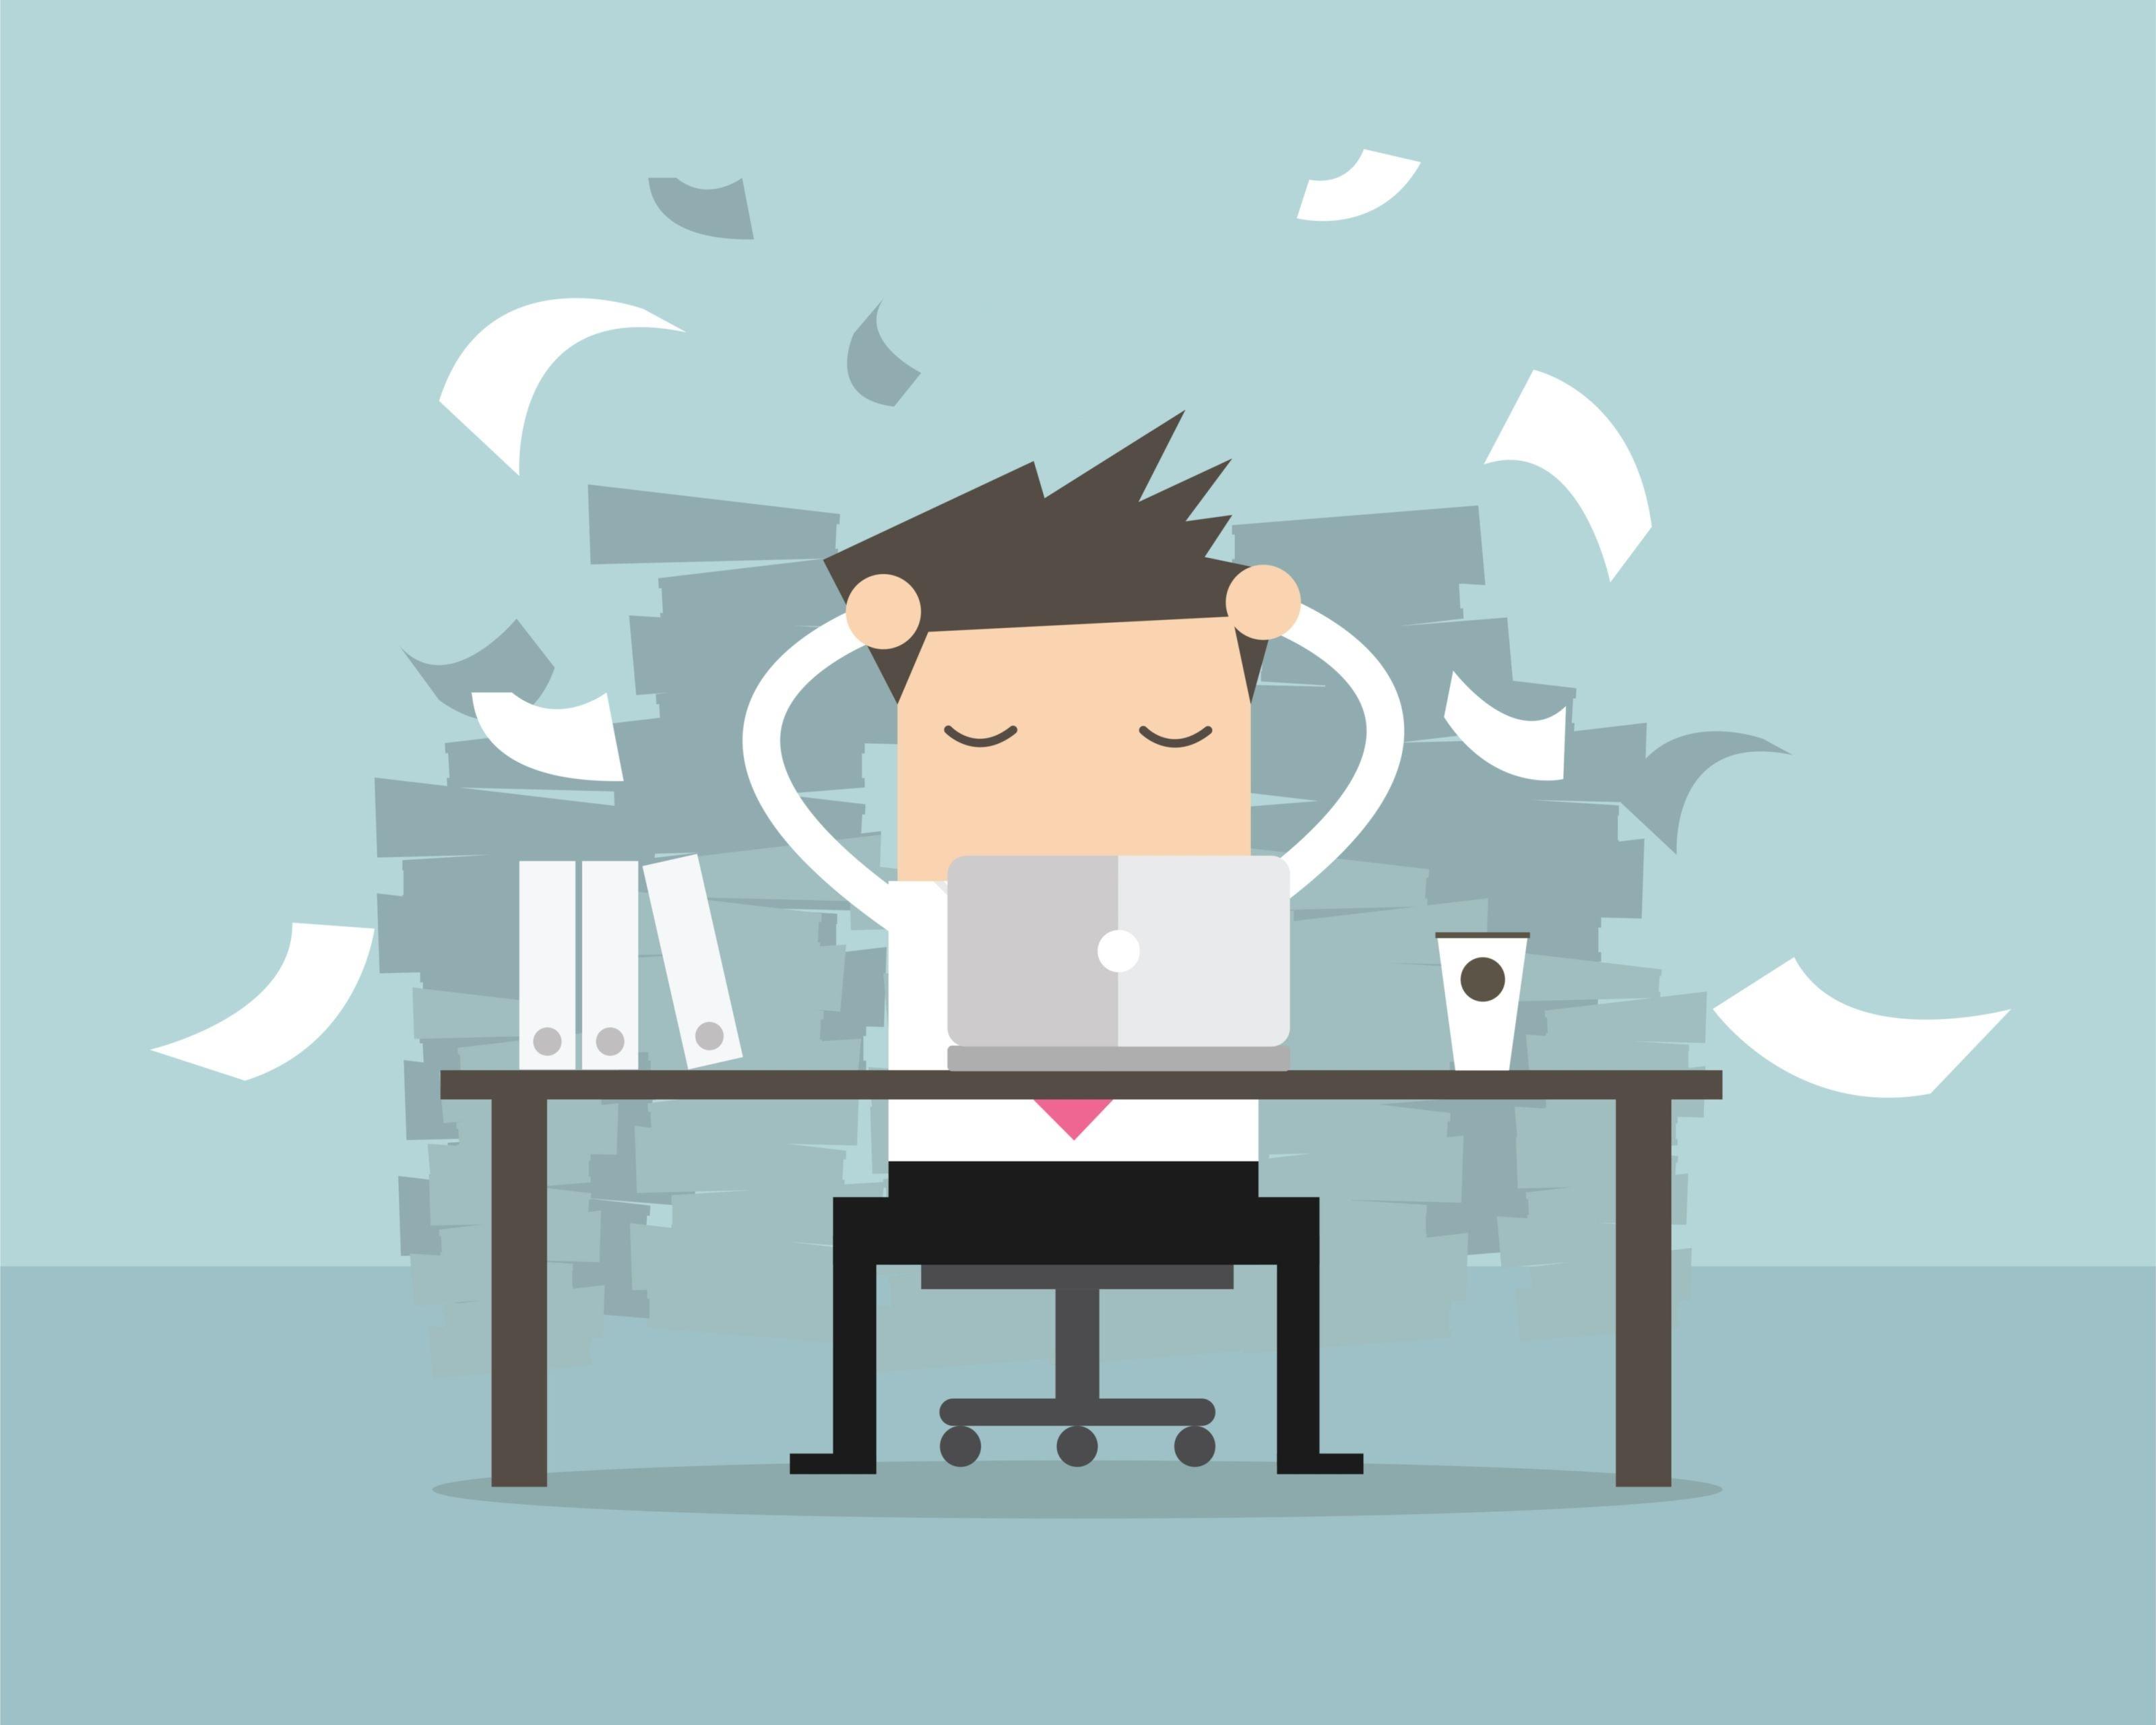 90 proc. czasu spędzamy wewnątrz budynków, również w biurowcach. Od tego, jak będą one zaprojektowane, będzie zależeć nasze samopoczucie, zdrowie, ale także efektywność i energia w pracy (fot. shutterstock)